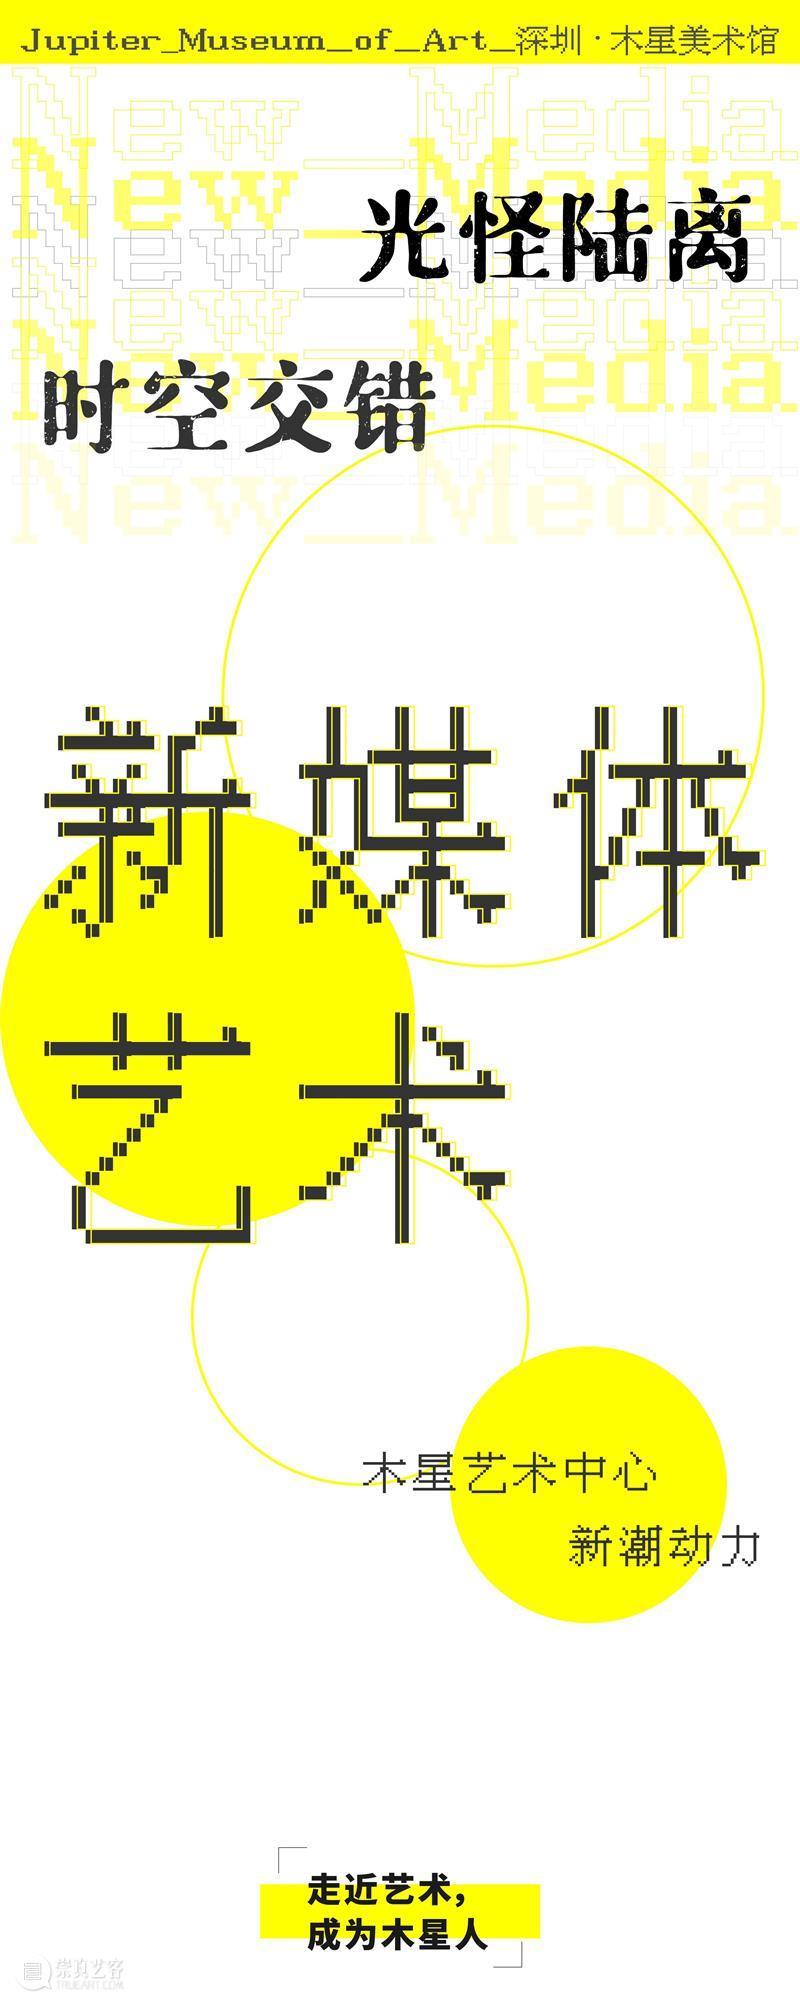 新潮动力 | 新媒体艺术:光怪陆离,时空交错 动力 新媒体 艺术 节选 视觉 音乐 作品 无垠之河 爱美丽节选自动画作品 诗歌 崇真艺客